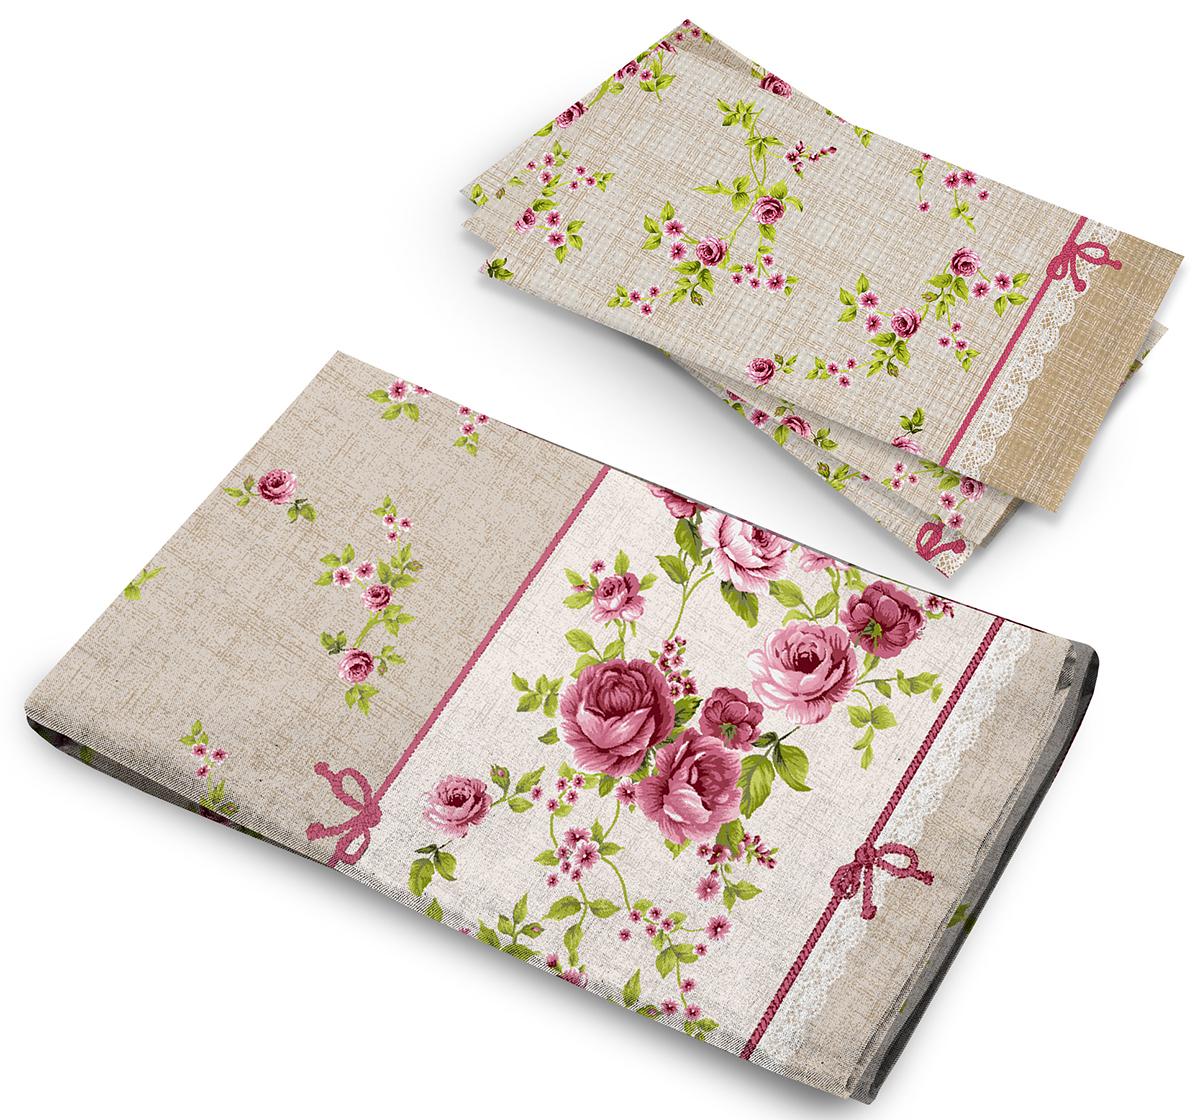 Набор Романтика Английский сад, скатерть рогожка 145 х 180, полотенце вафельное 50 х 71339475